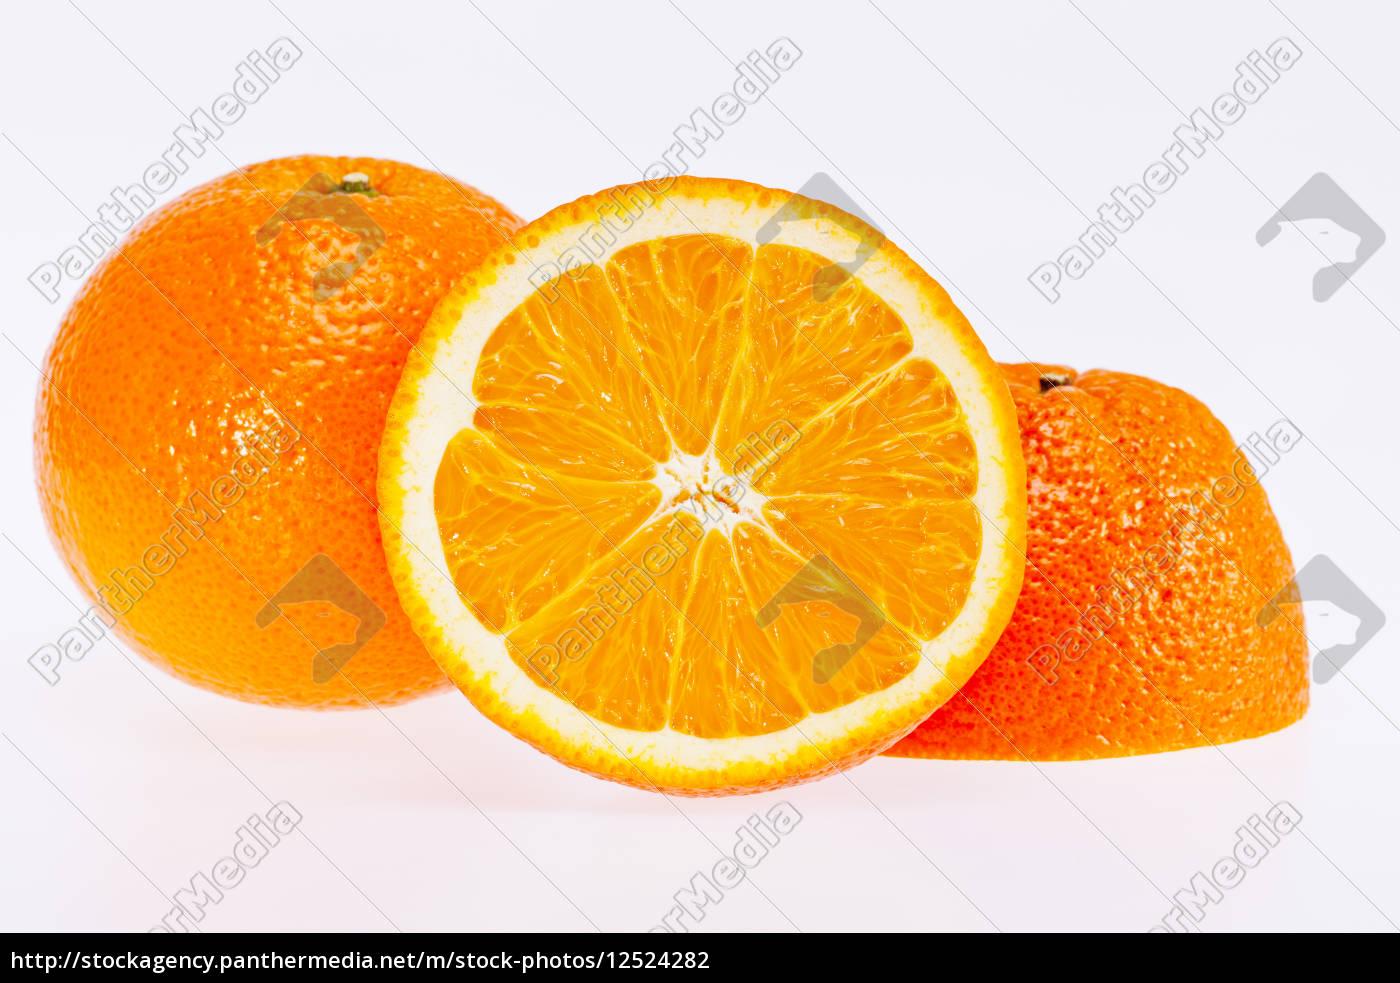 cut, fruit, of, orange, isolated, on - 12524282